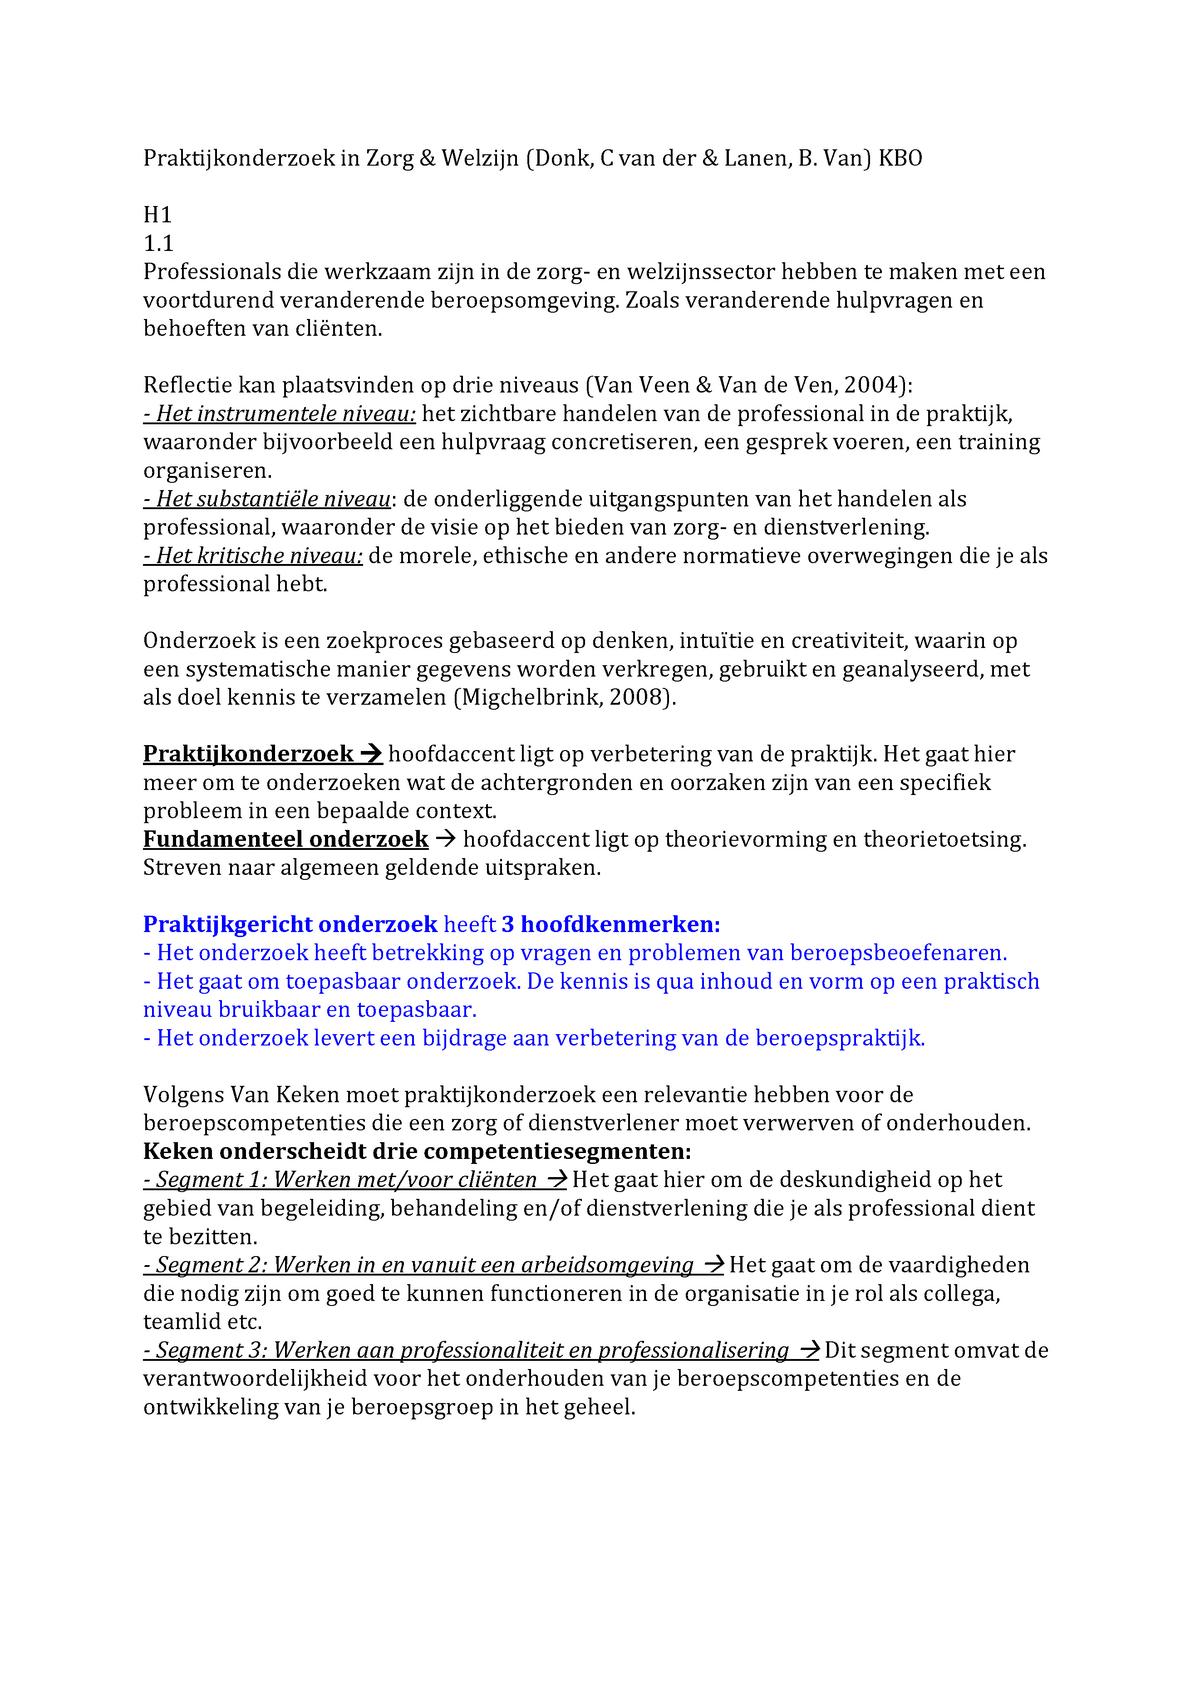 Uitgelezene Samenvatting Zorg & Welzijn C van der Donk & B. van - StudeerSnel.nl VT-42